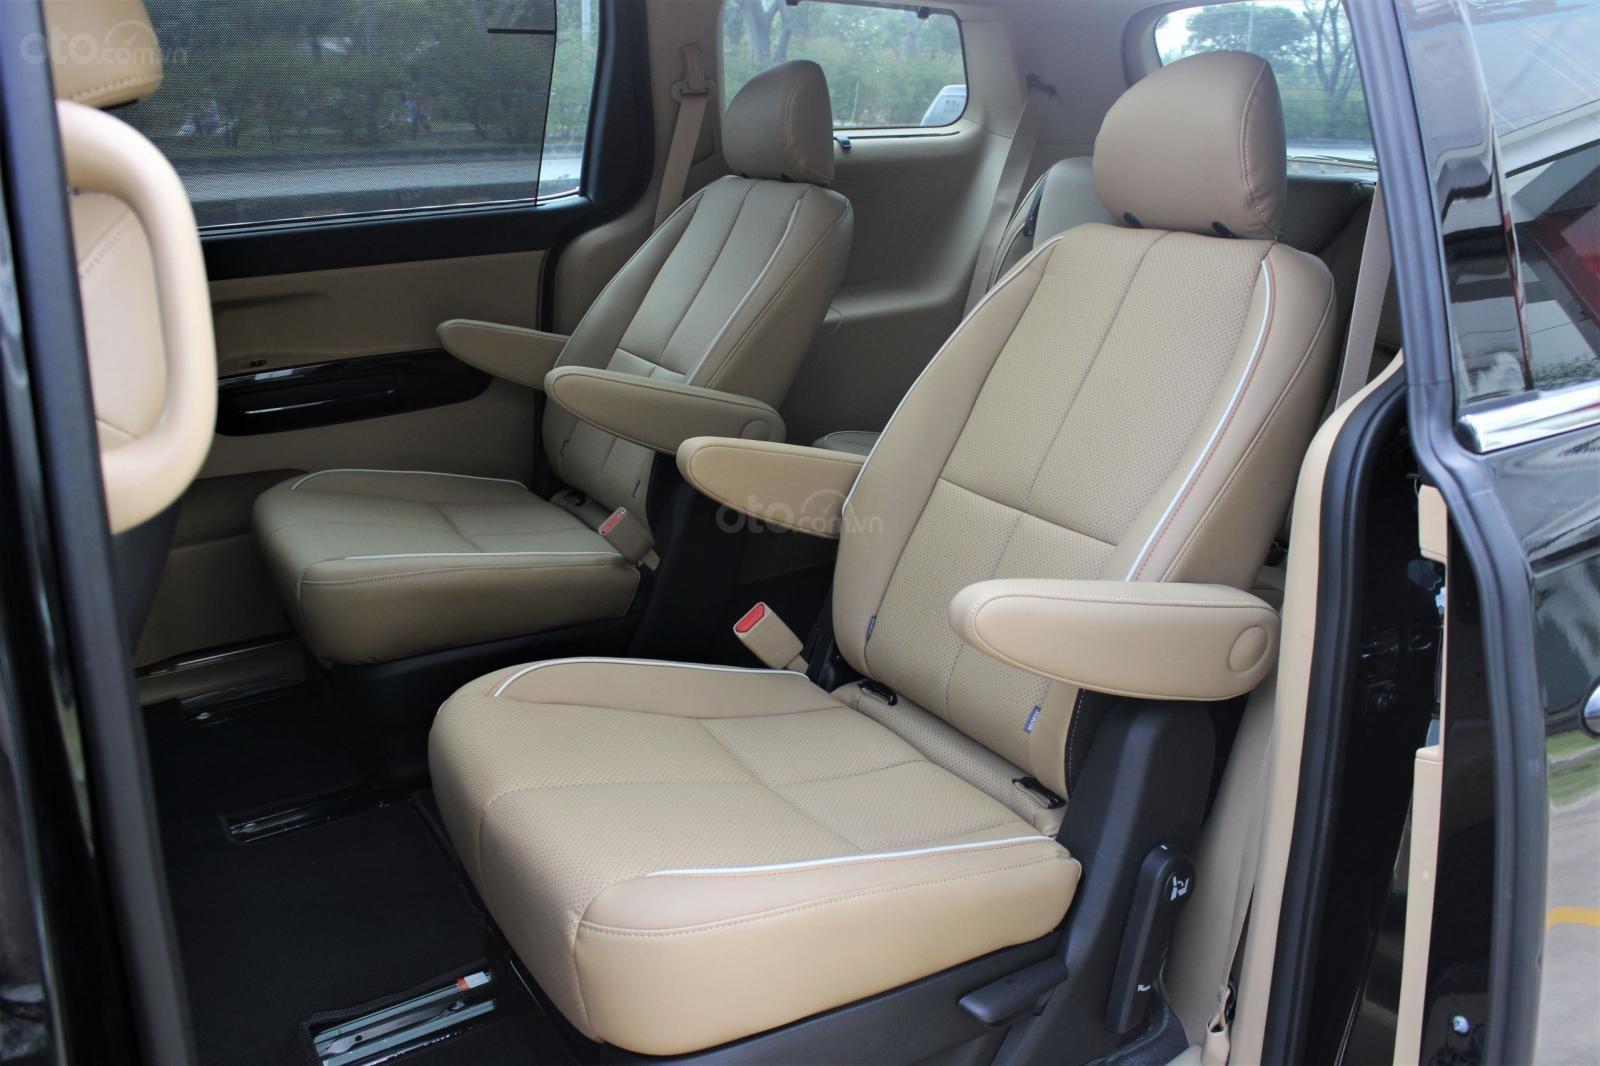 Bán Sedona 2019 - có xe giao tết, giảm ngay tiền mặt + quà tặng cuối năm - LH 0949 820 072-5